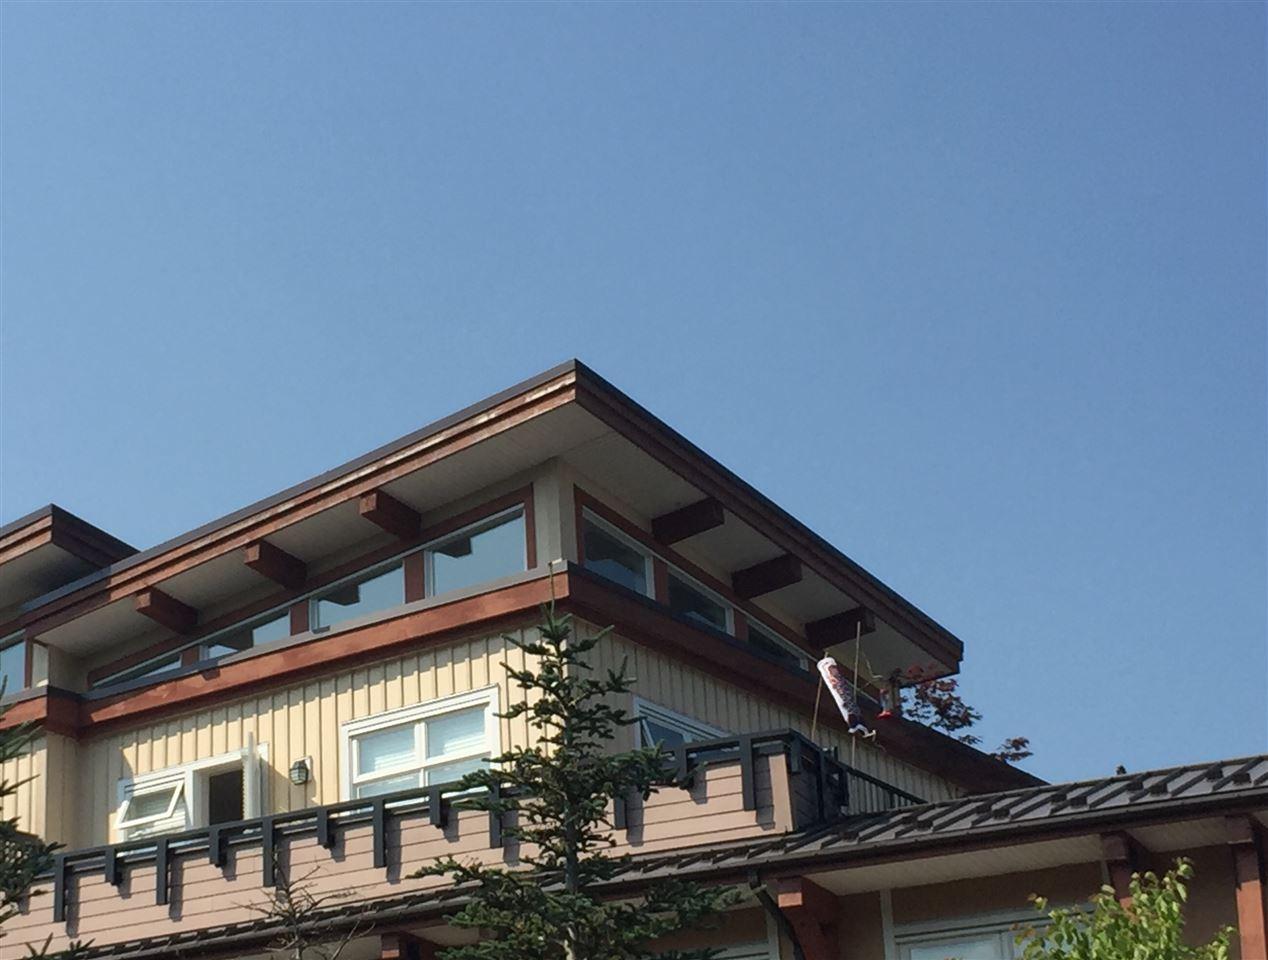 Condo Apartment at 324 41105 TANTALUS ROAD, Unit 324, Squamish, British Columbia. Image 1